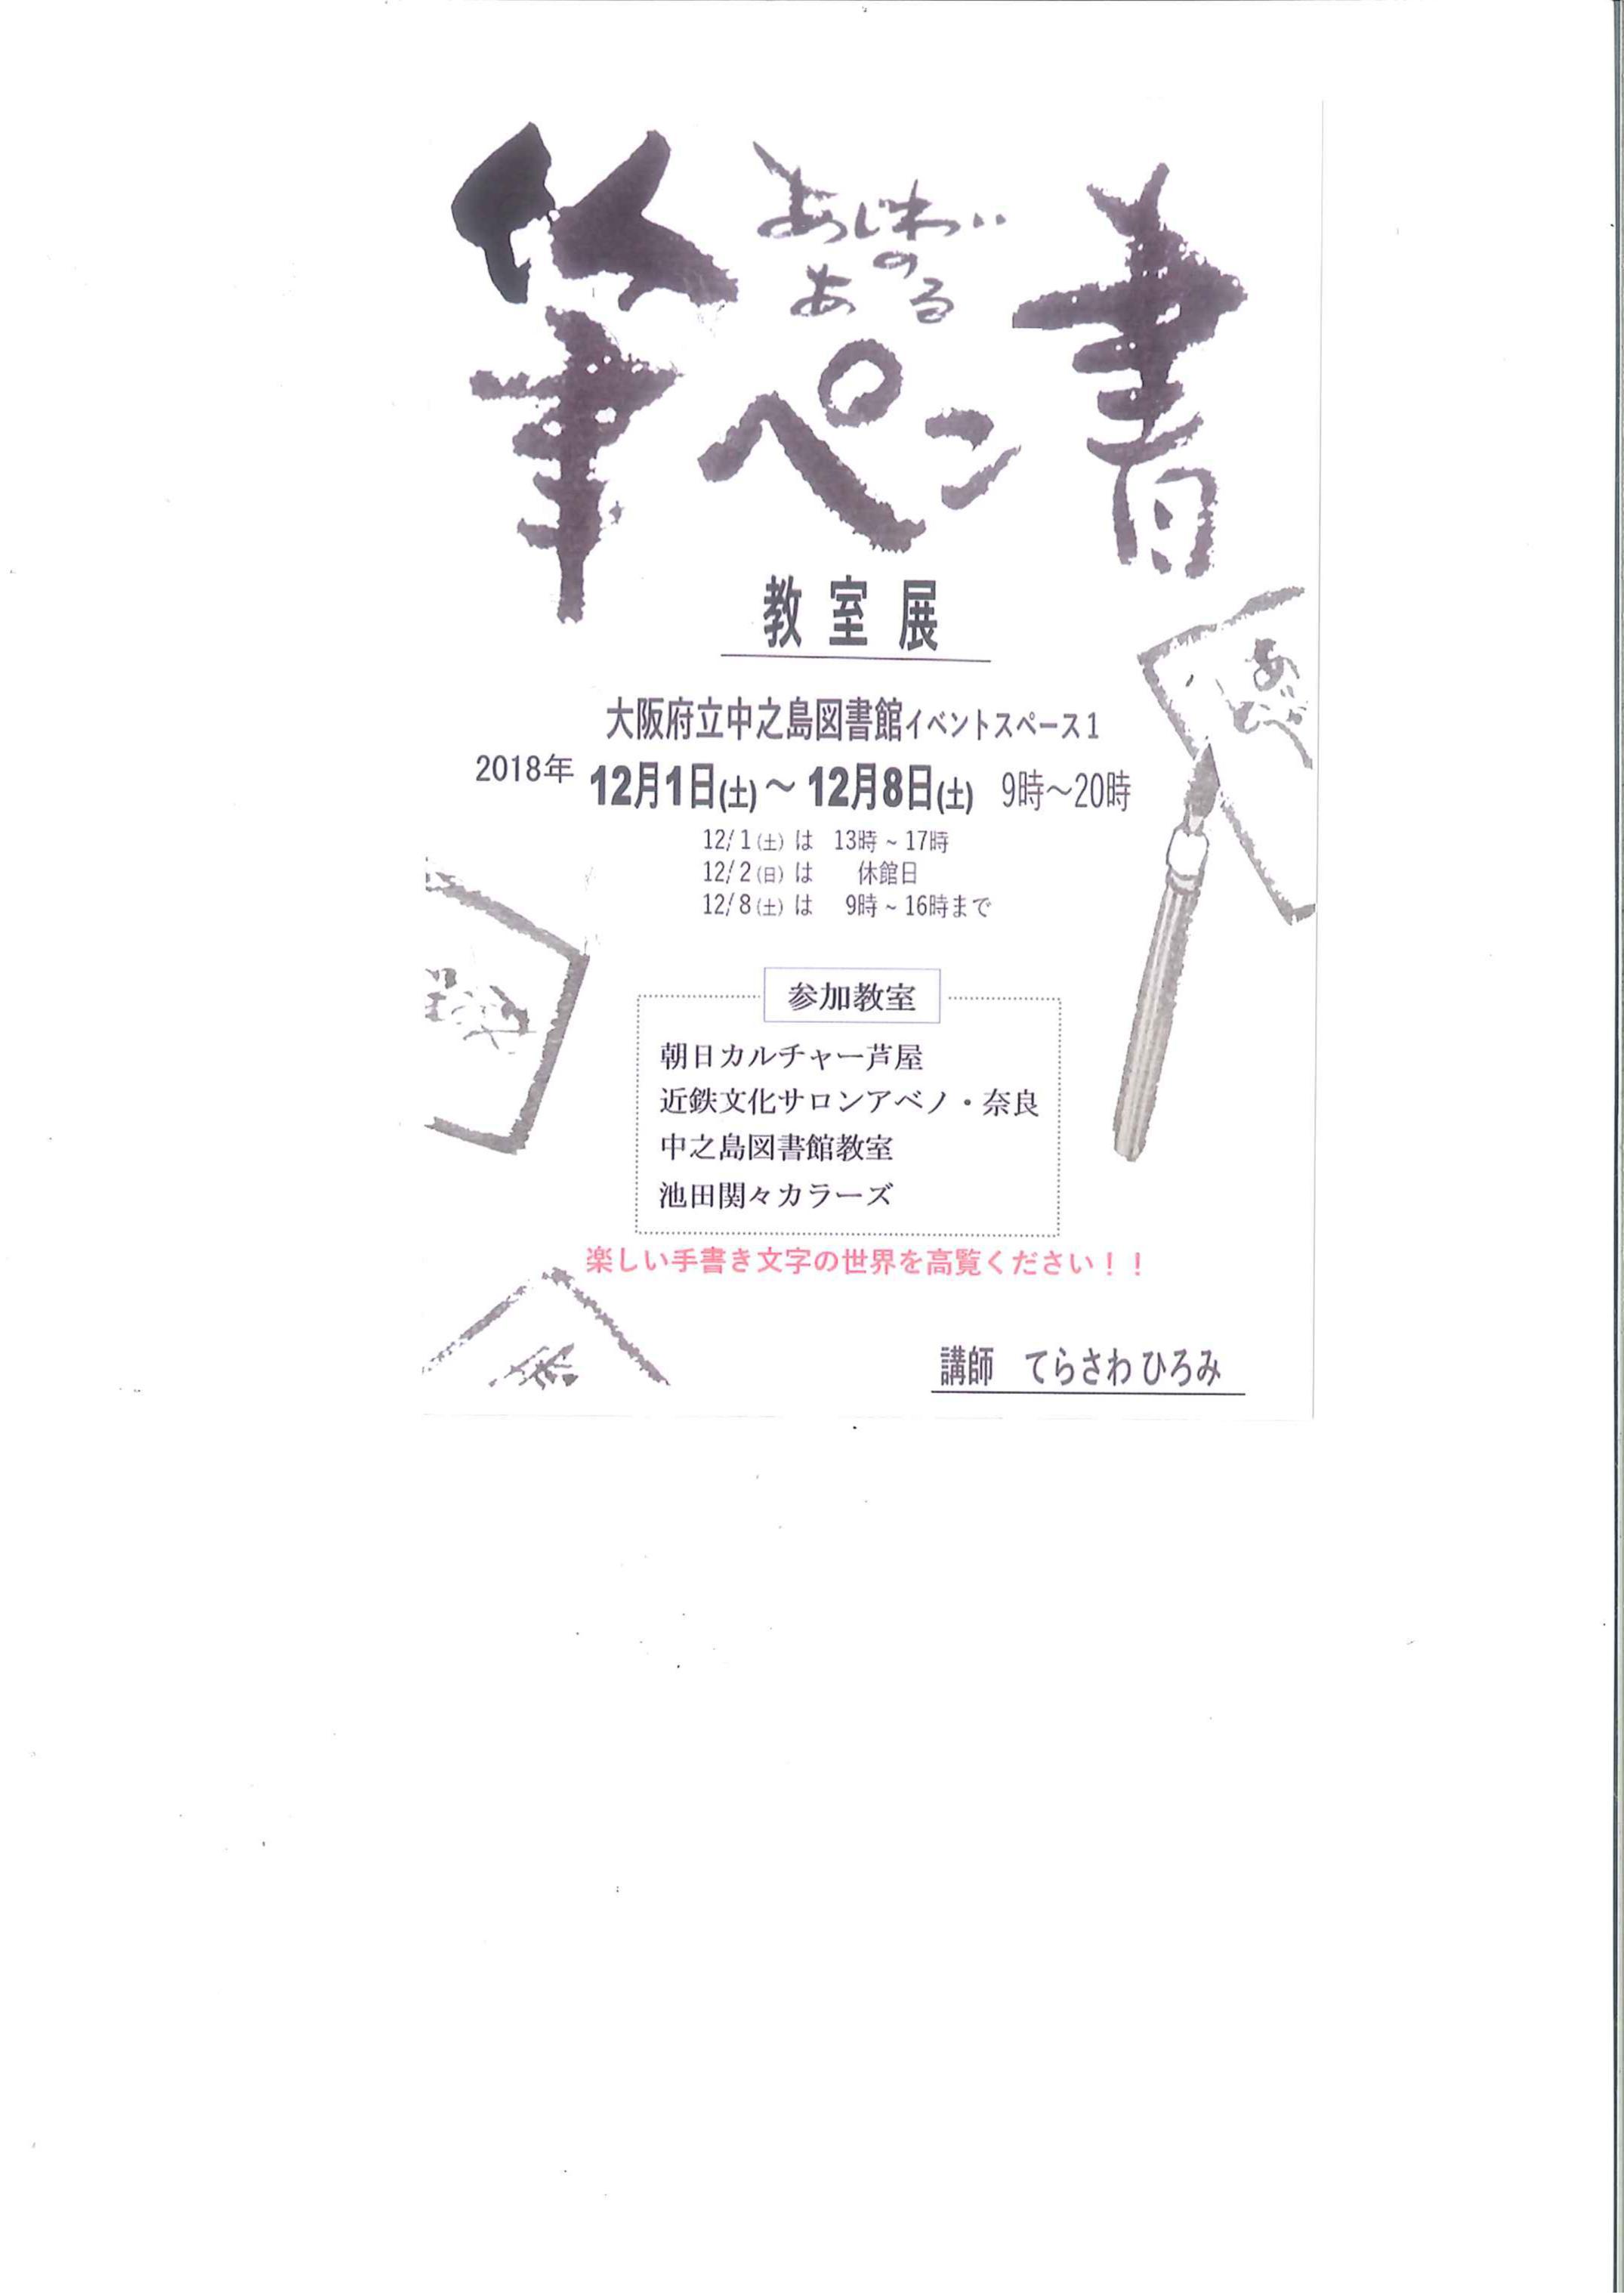 「筆ペン書教室展」12月1日(土)~12月8日(土)